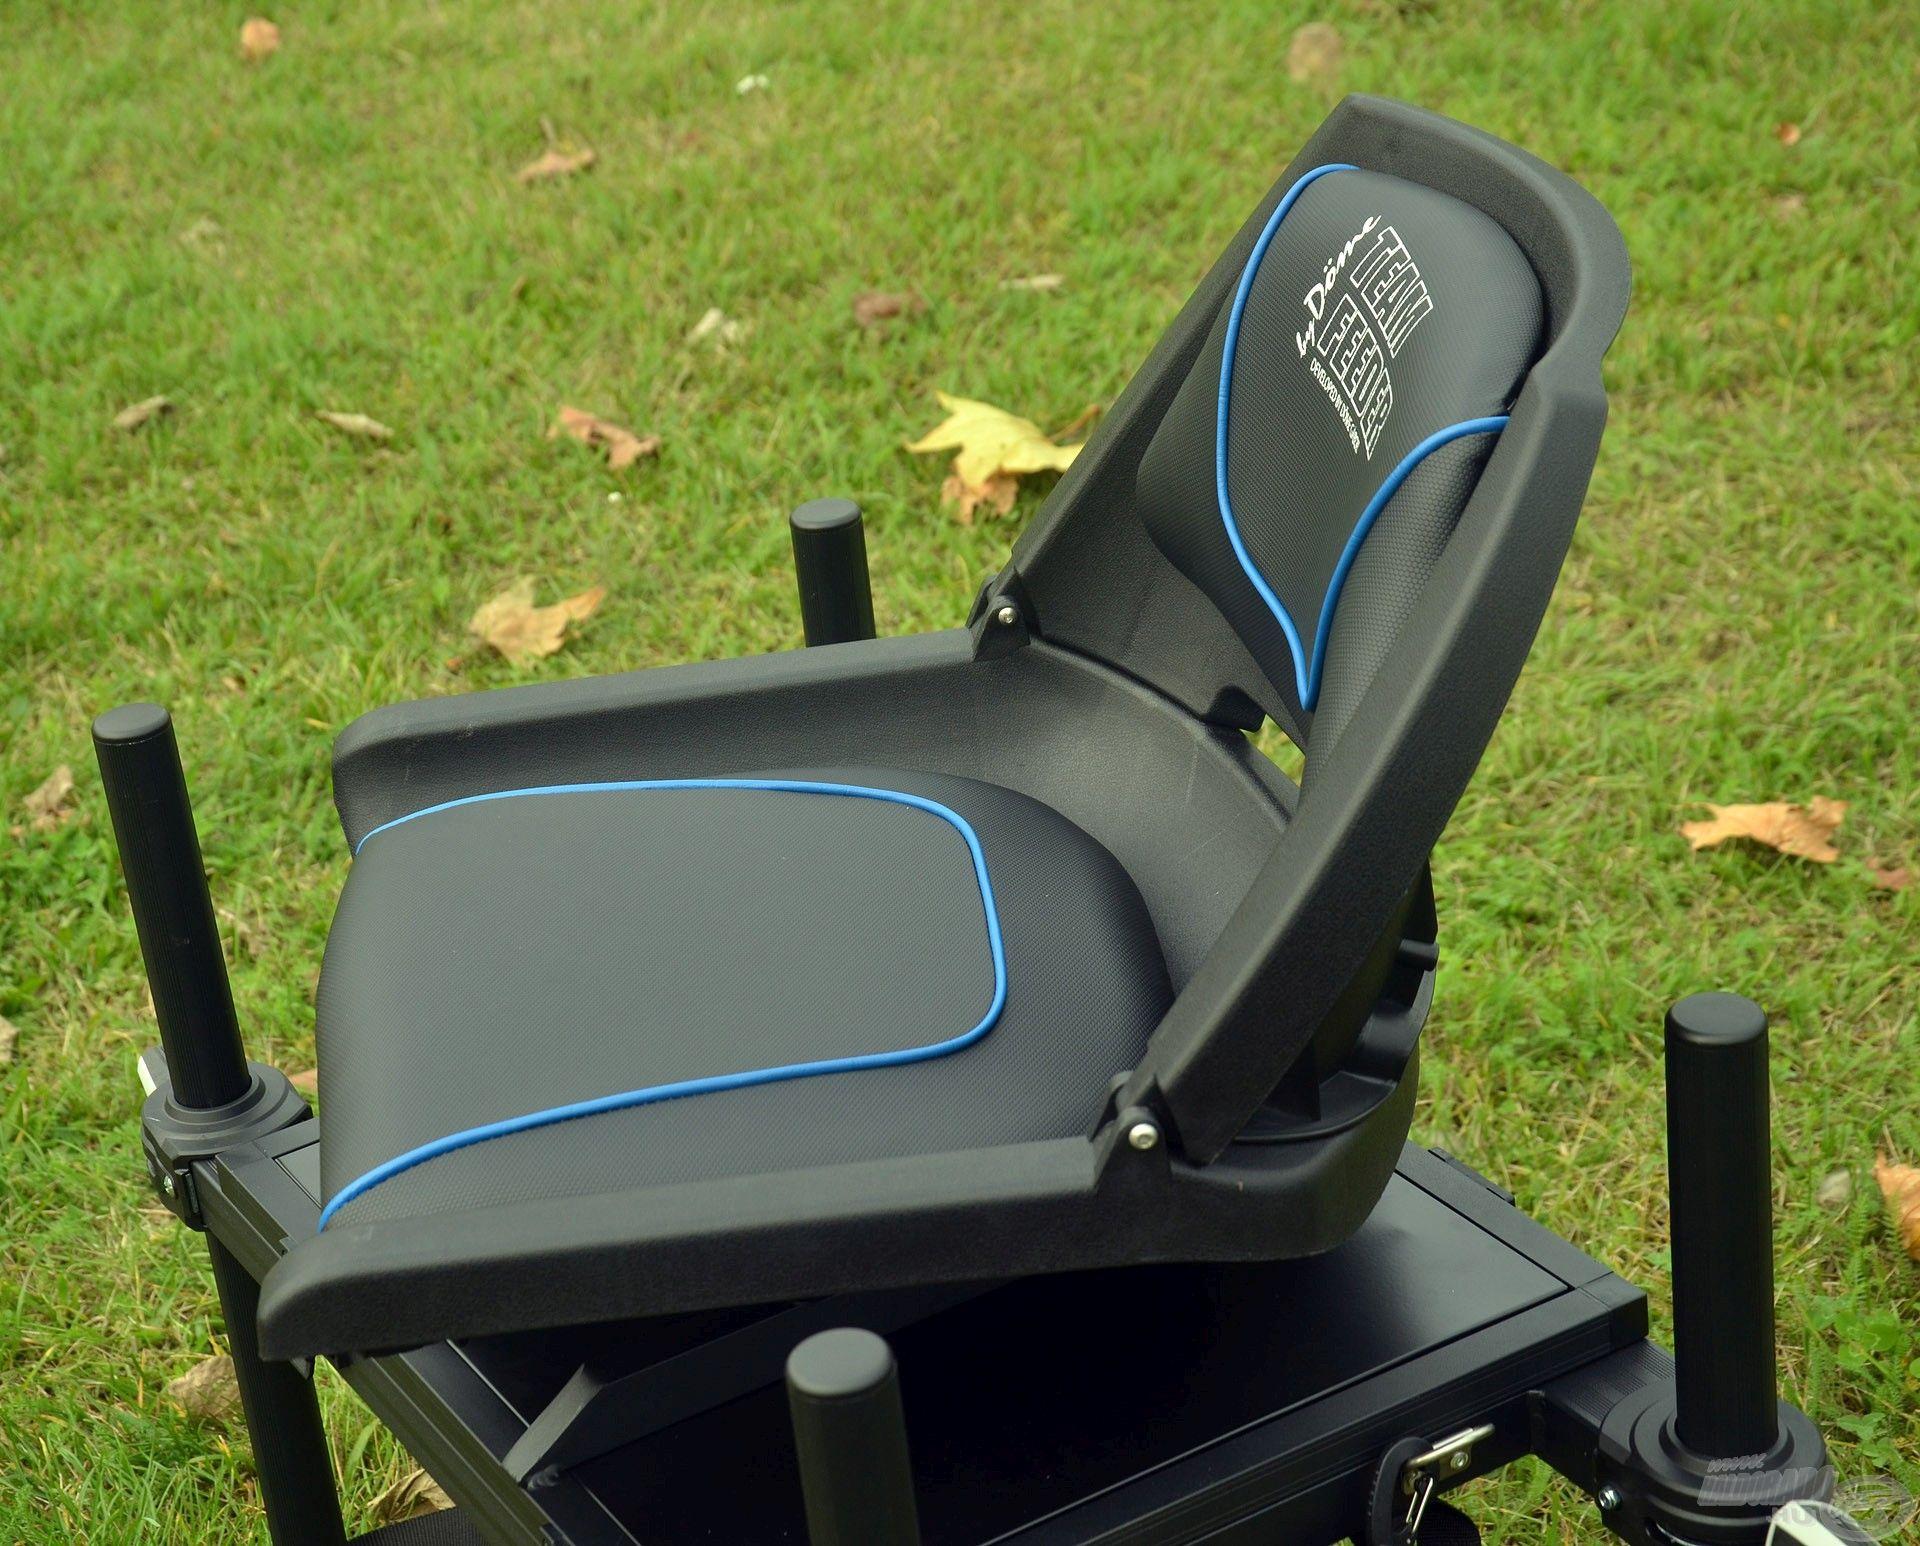 Az ülőfelület kényelmes, csúszásmentes és víztaszító